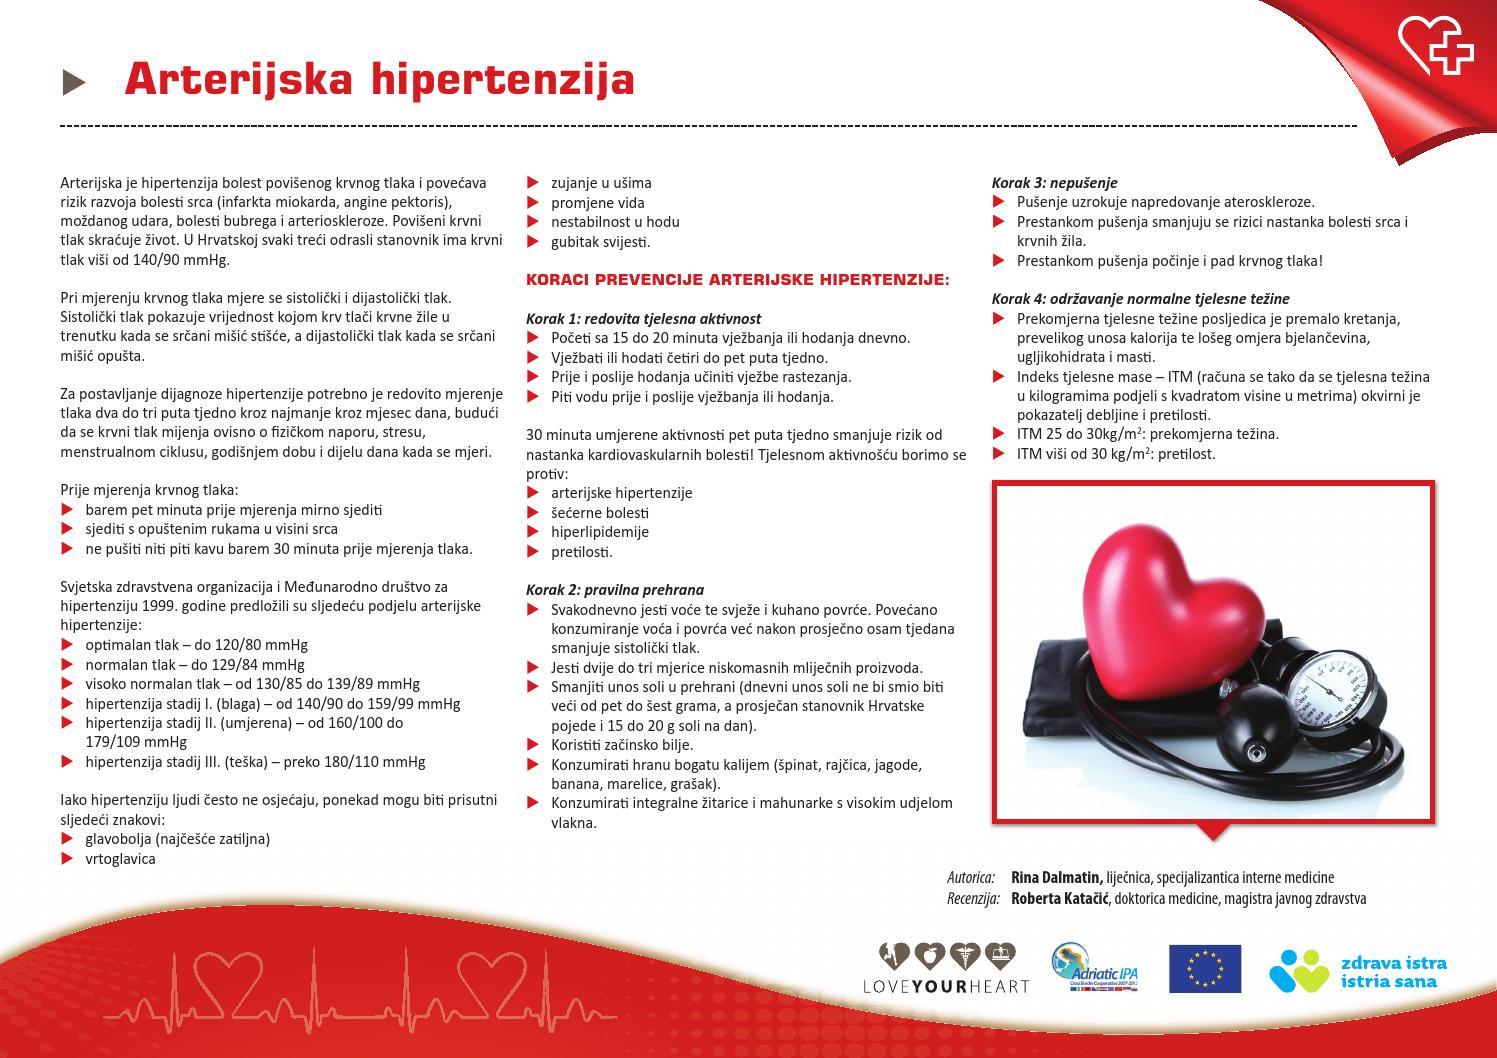 noliprel i fort hipertenzije